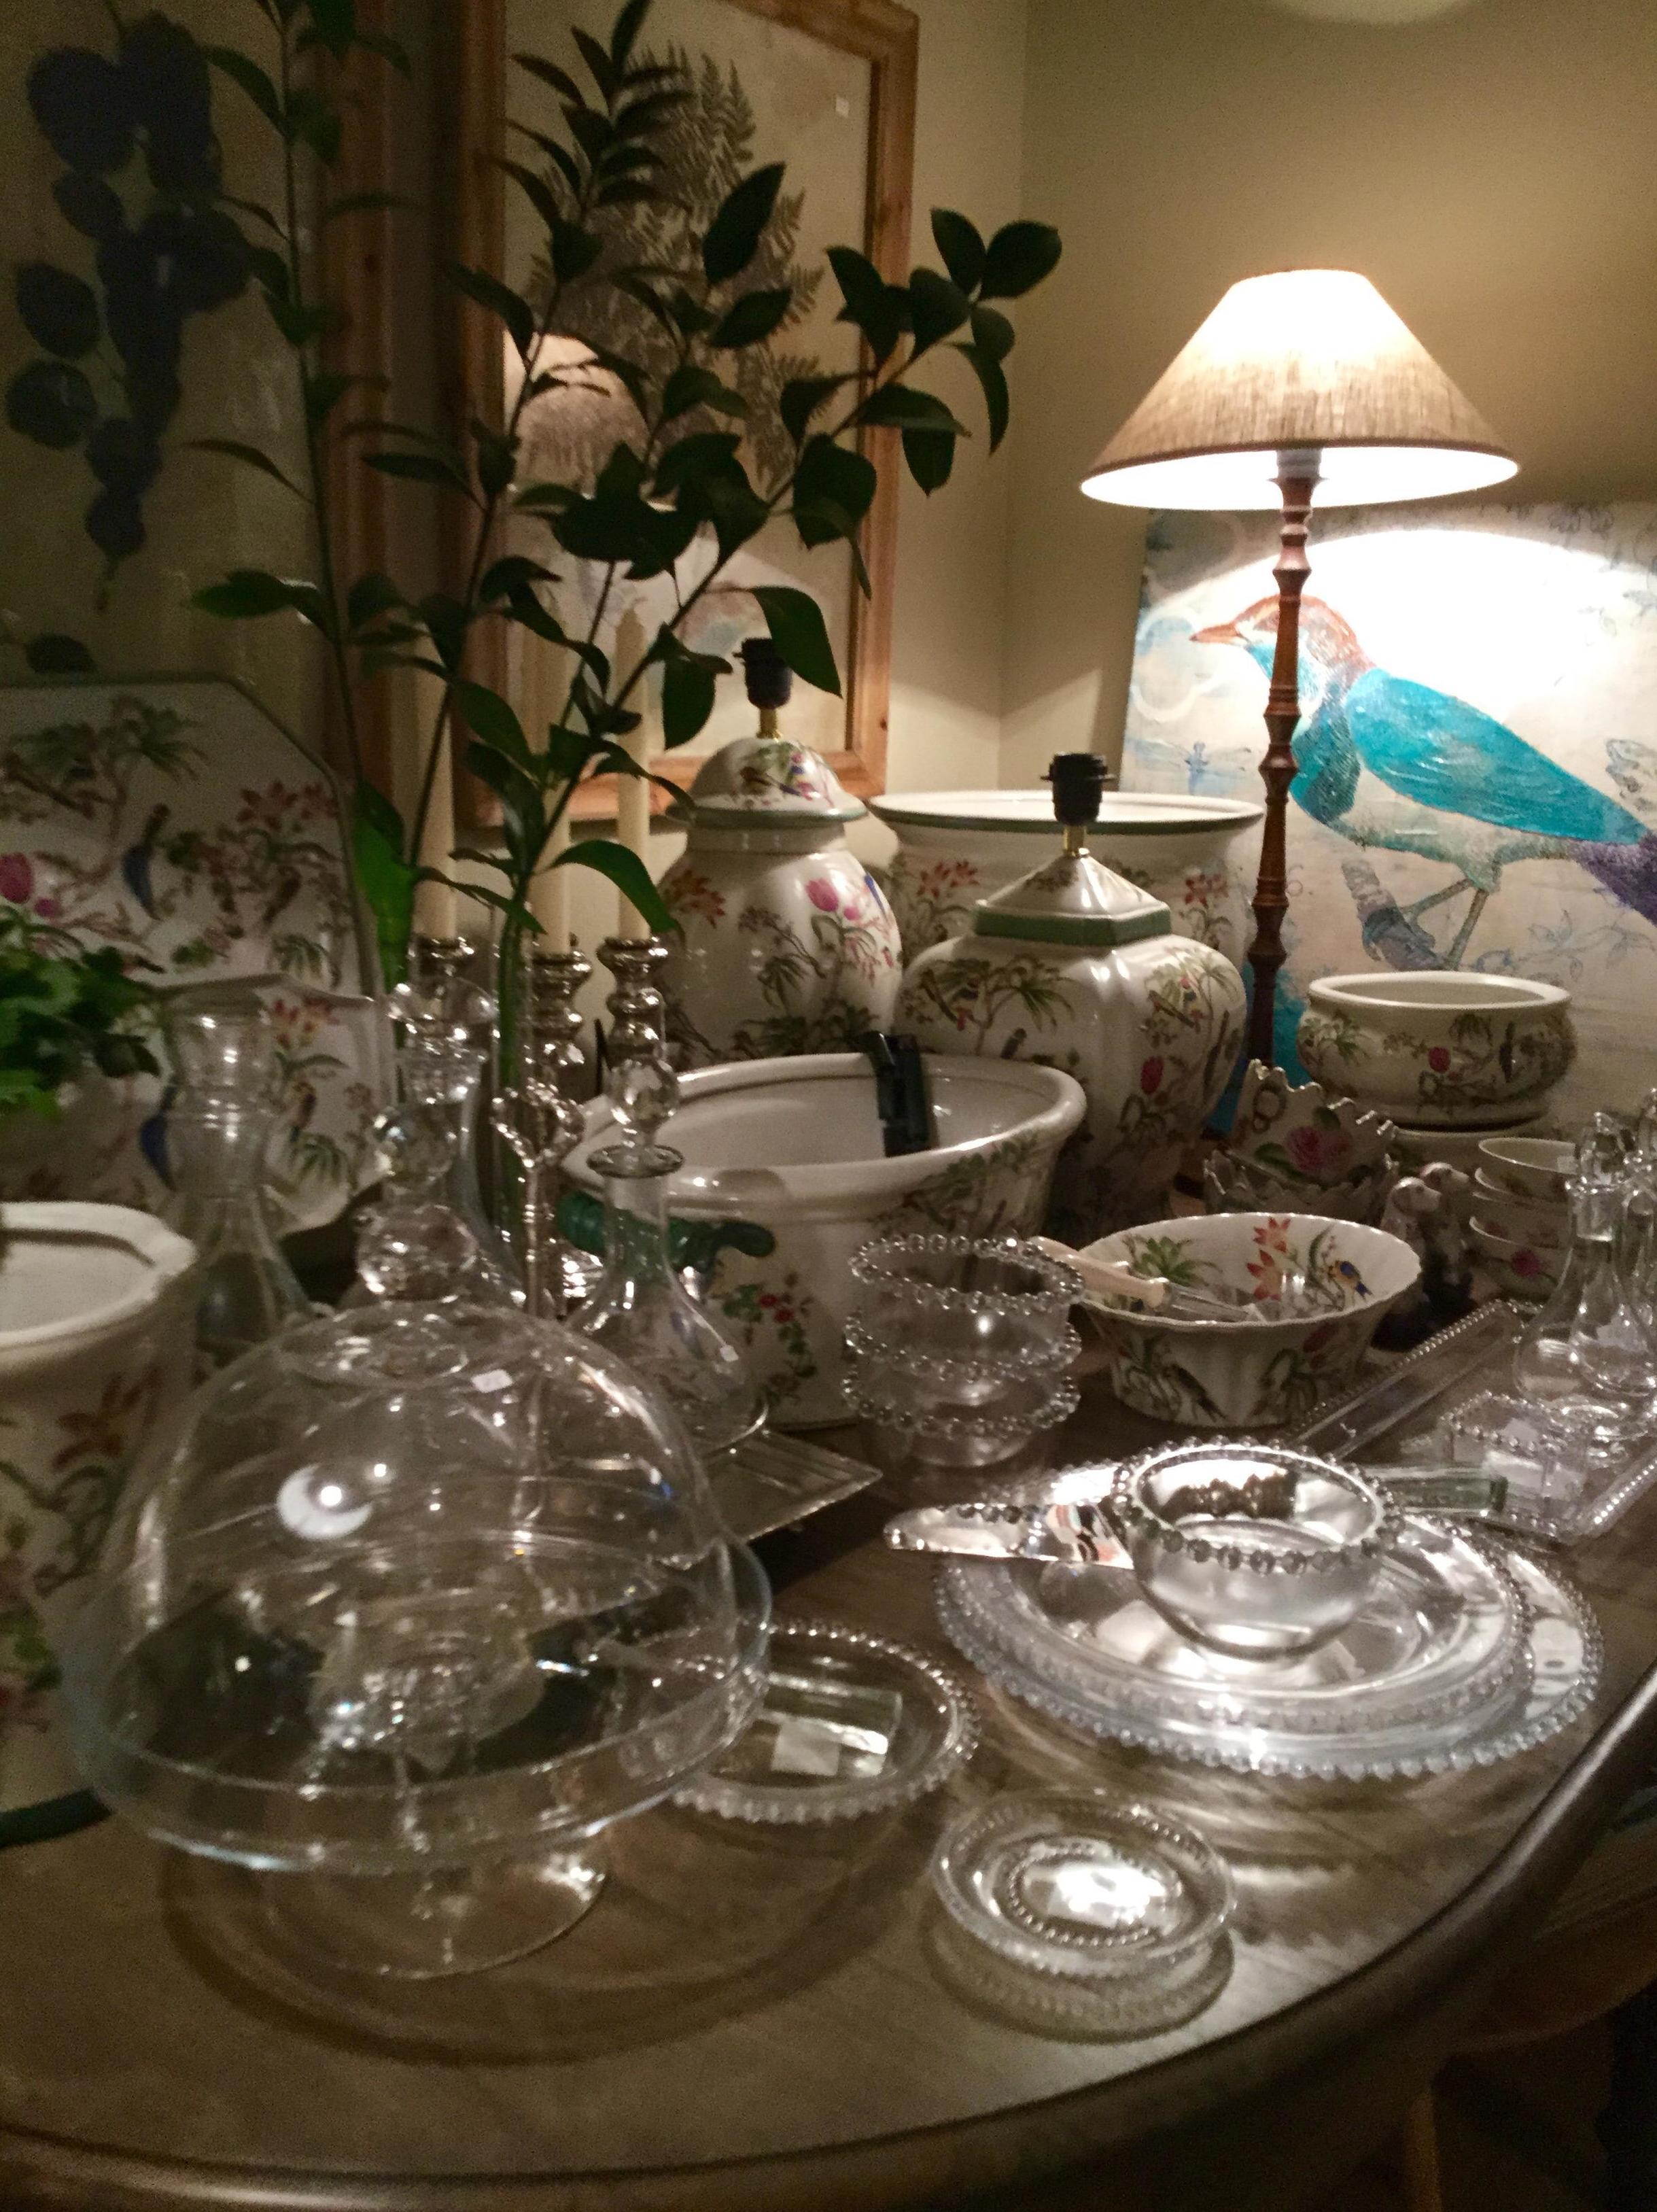 Elementos decorativos de porcelana